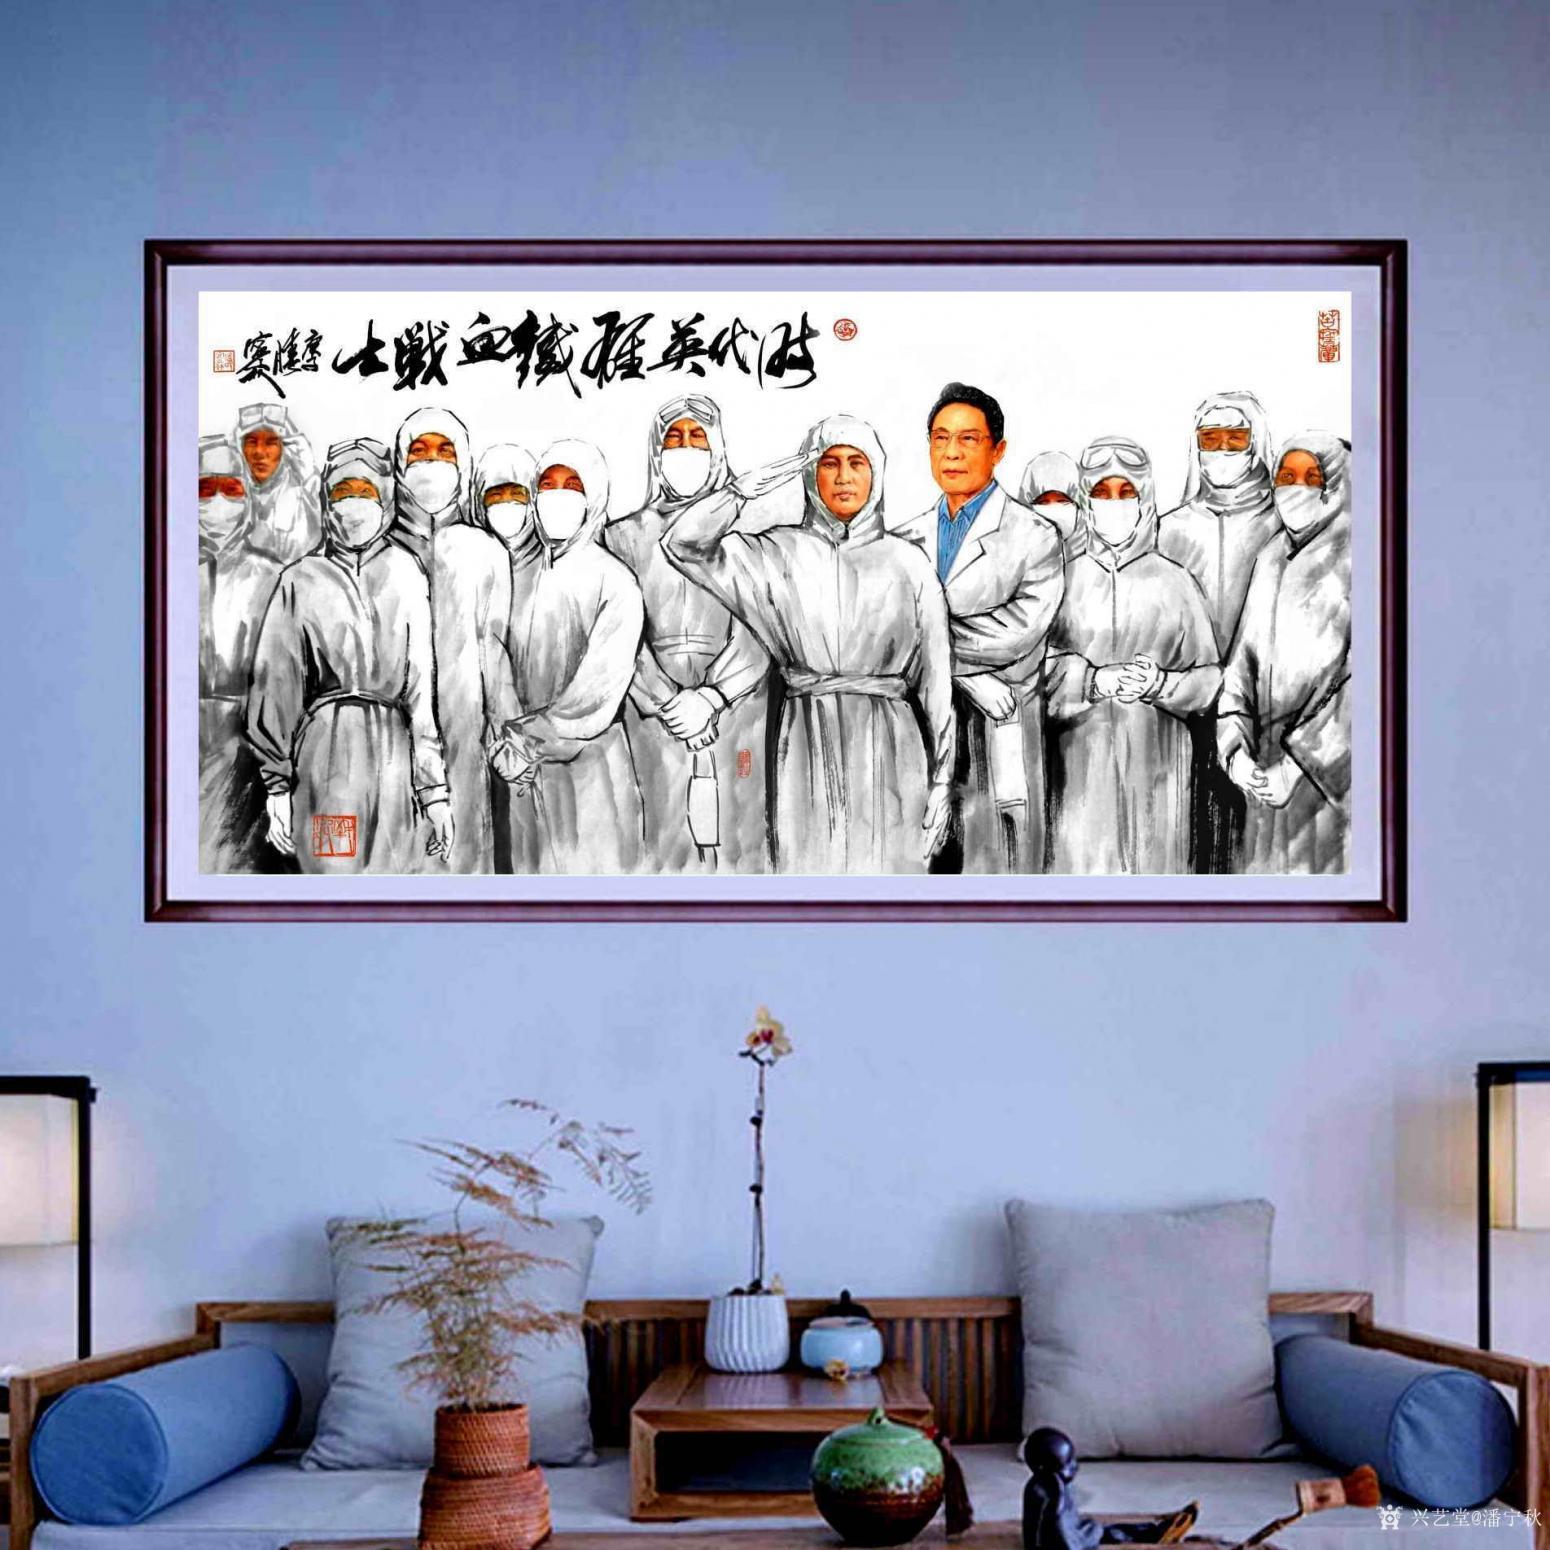 潘宁秋国画作品《时代英雄铁血战士》